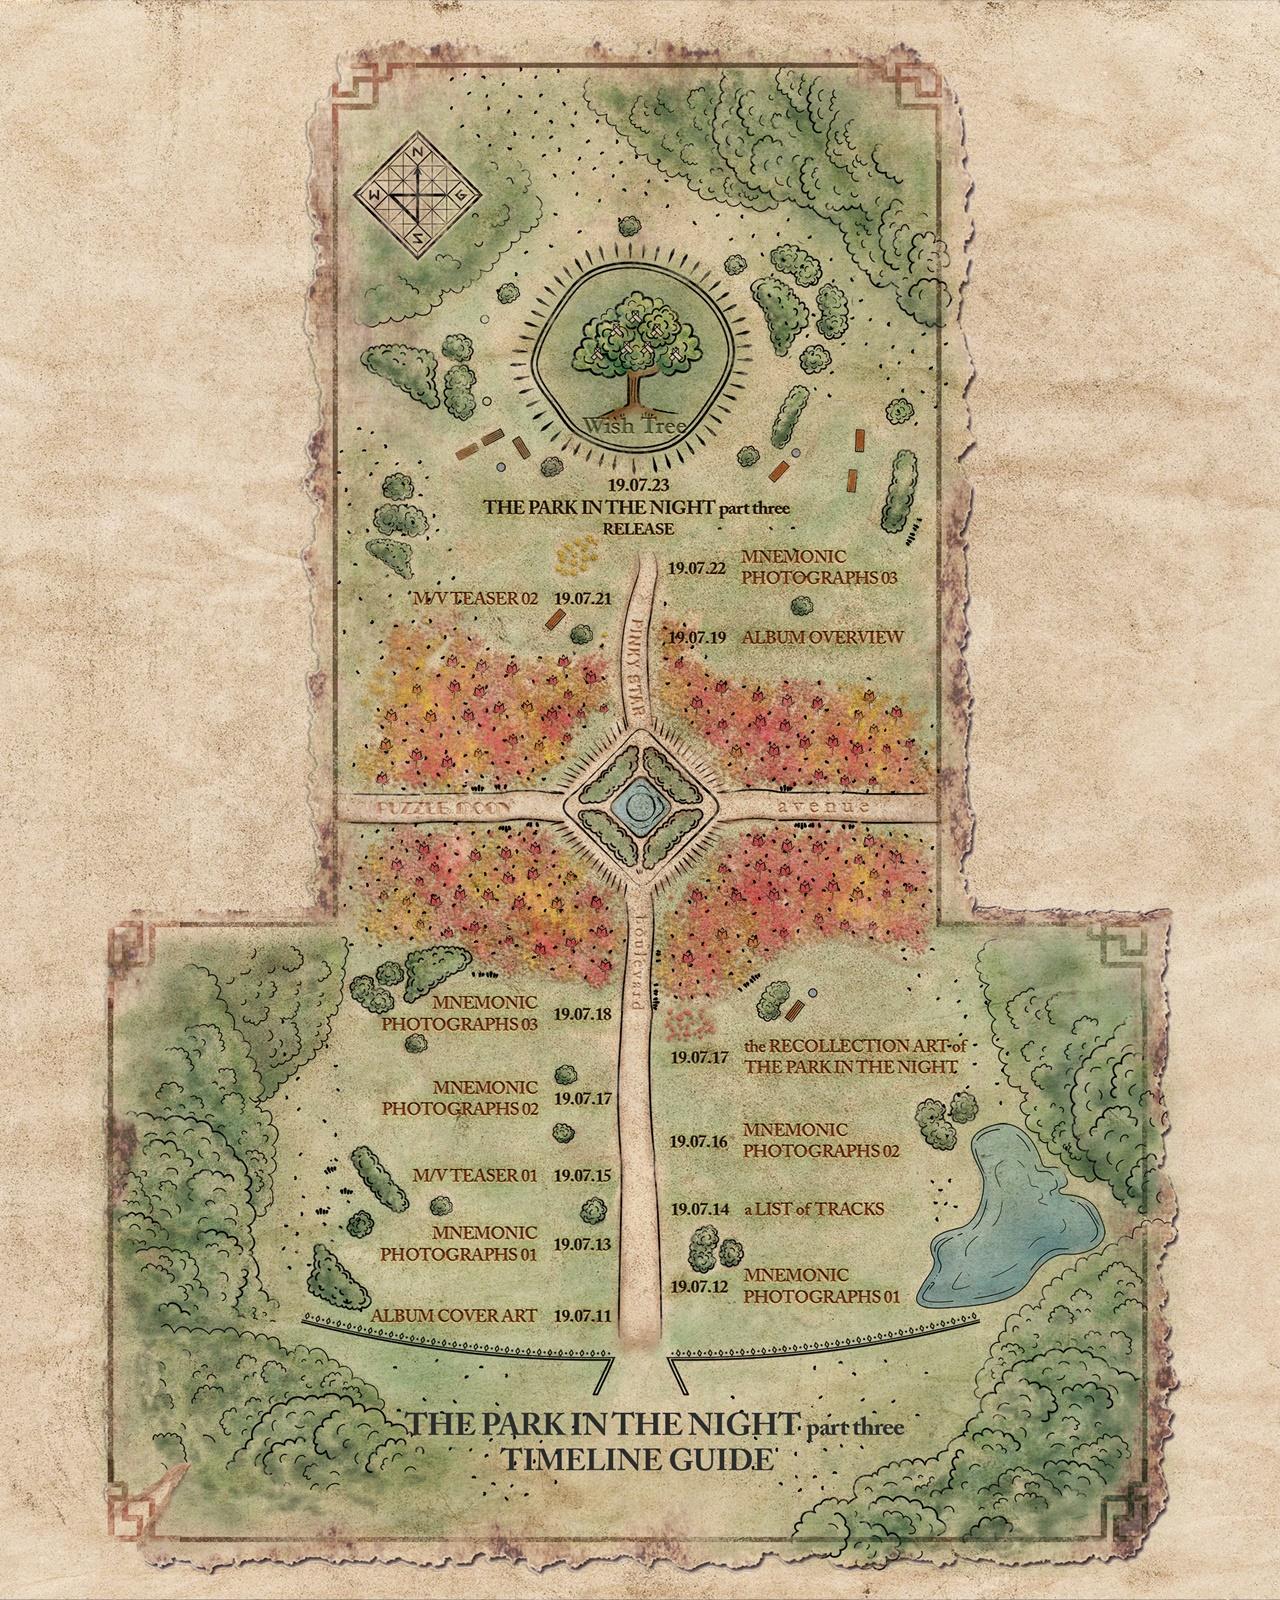 (0710) 공원소녀 '밤의 공원 part three' 타임라인 이미지.jpg